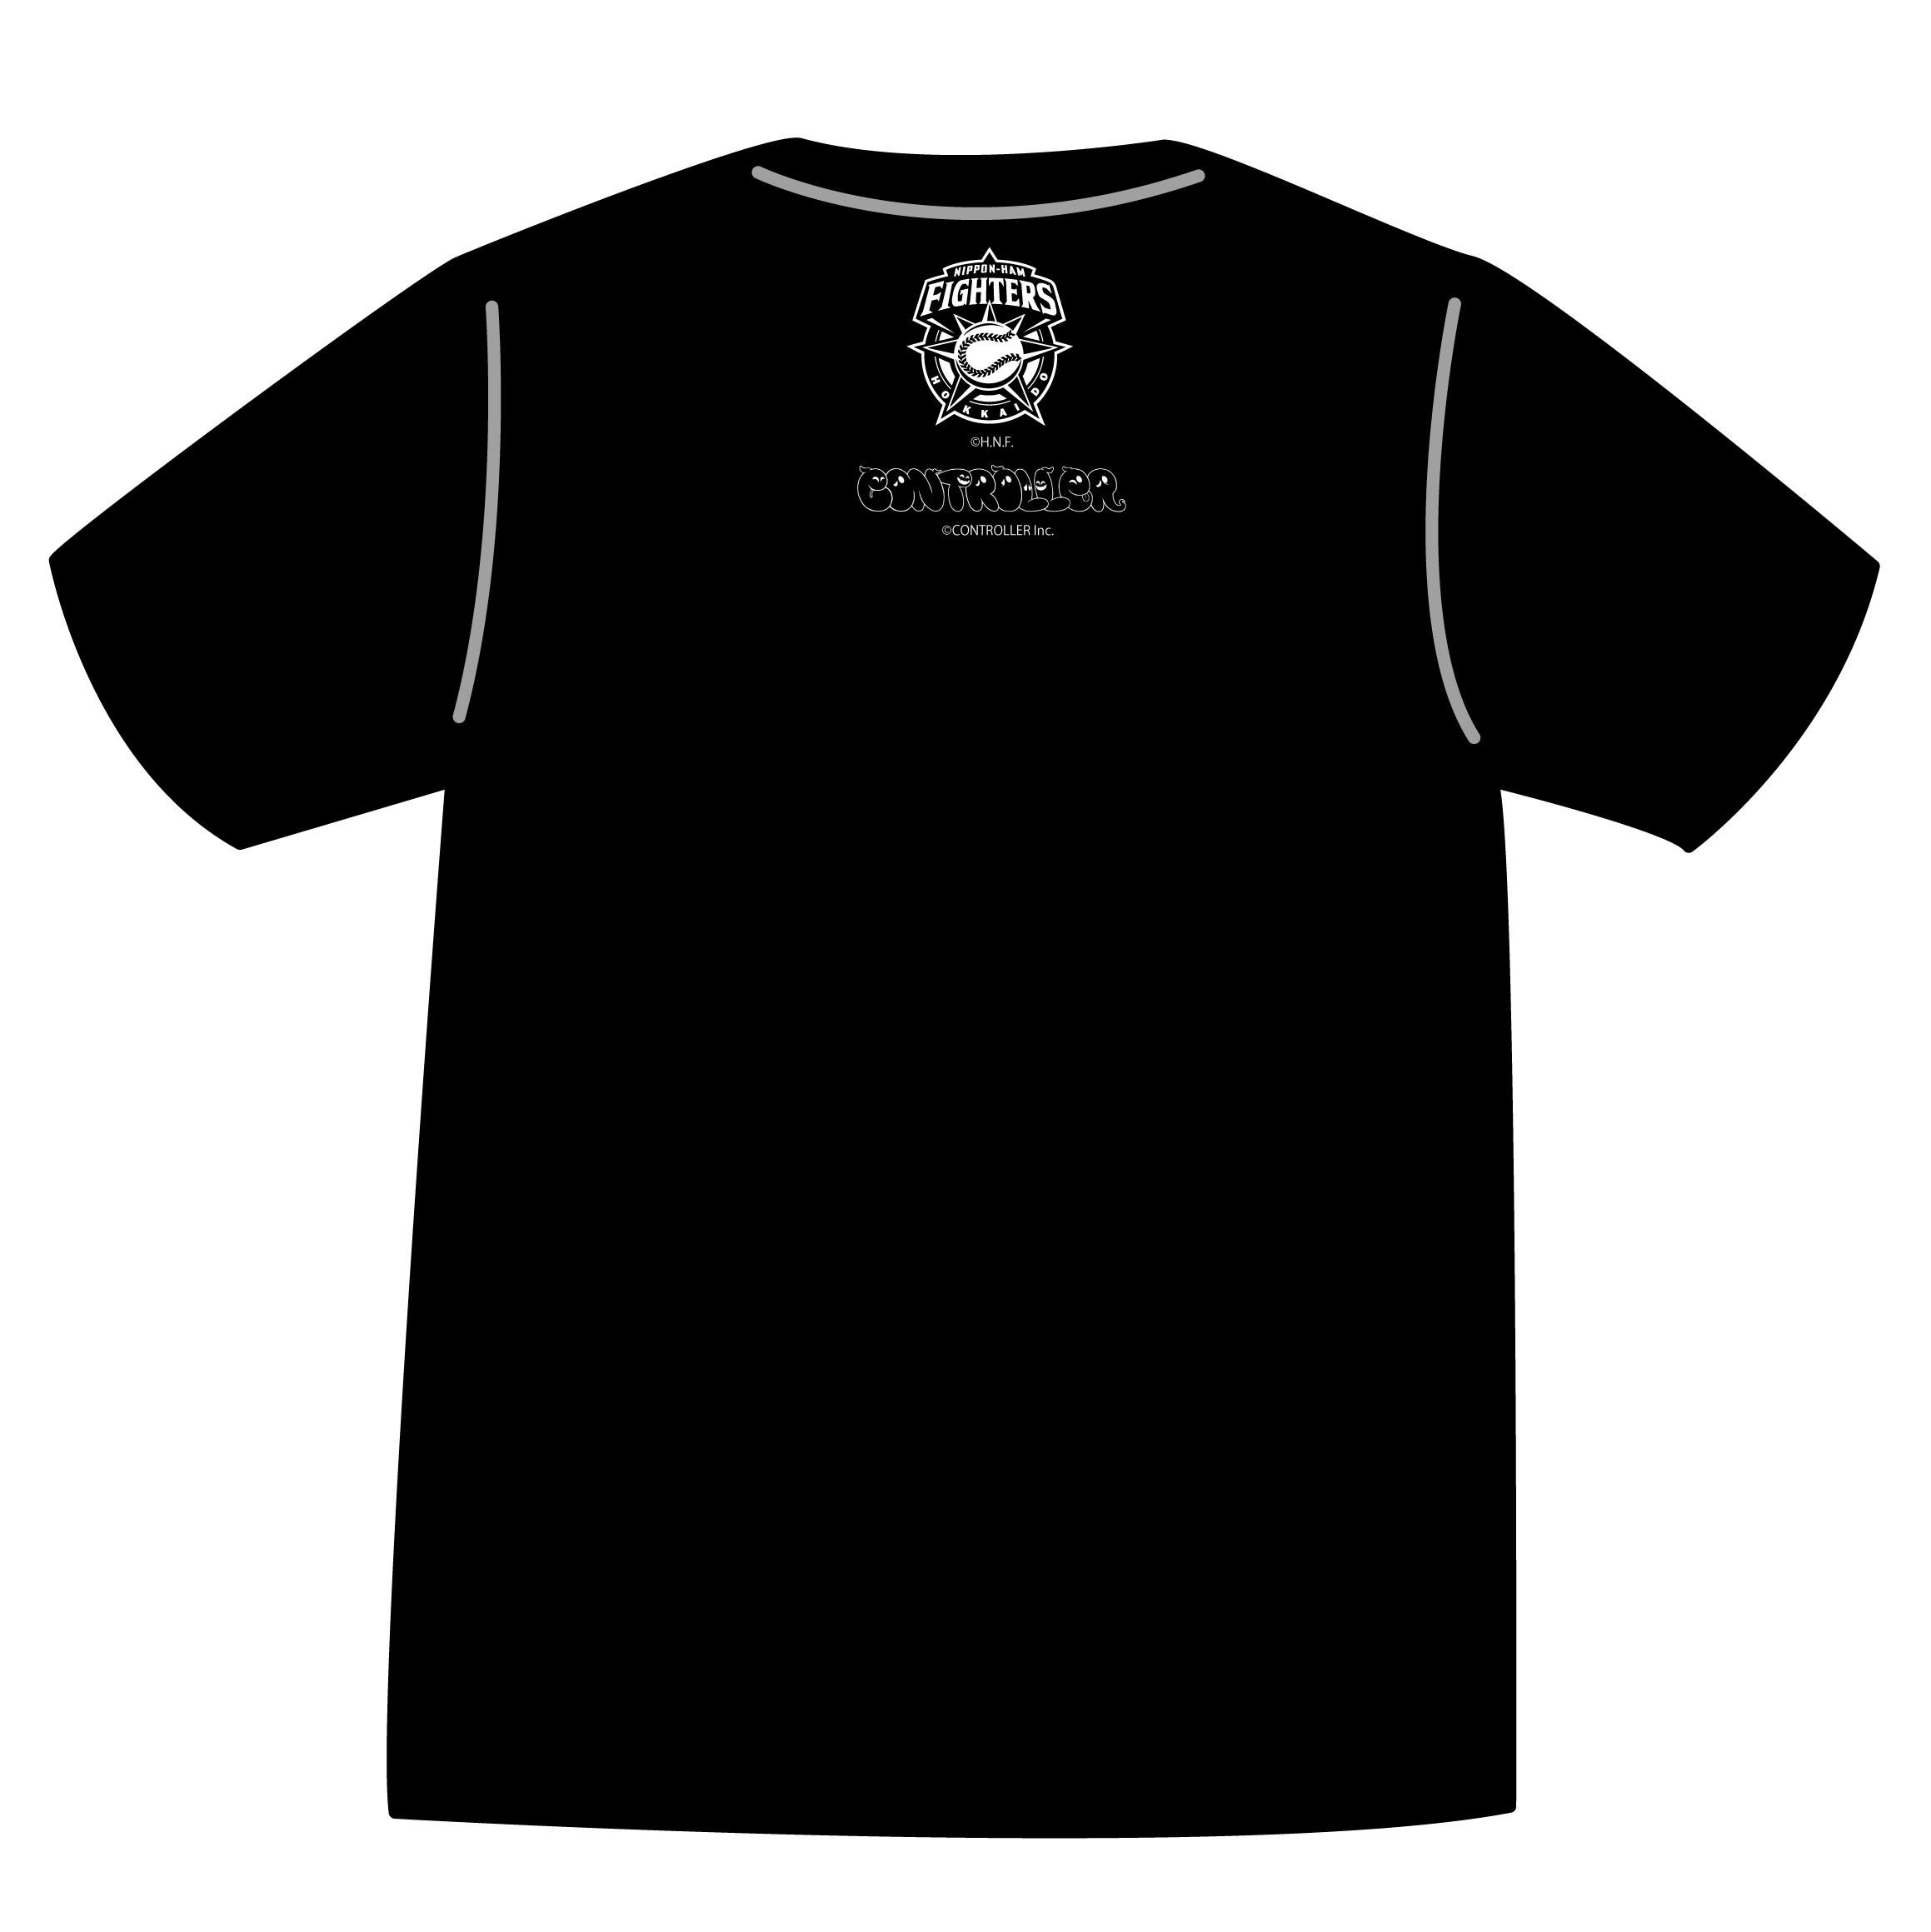 ドットファイターズ 「うわさわ」 Tシャツ ブラック